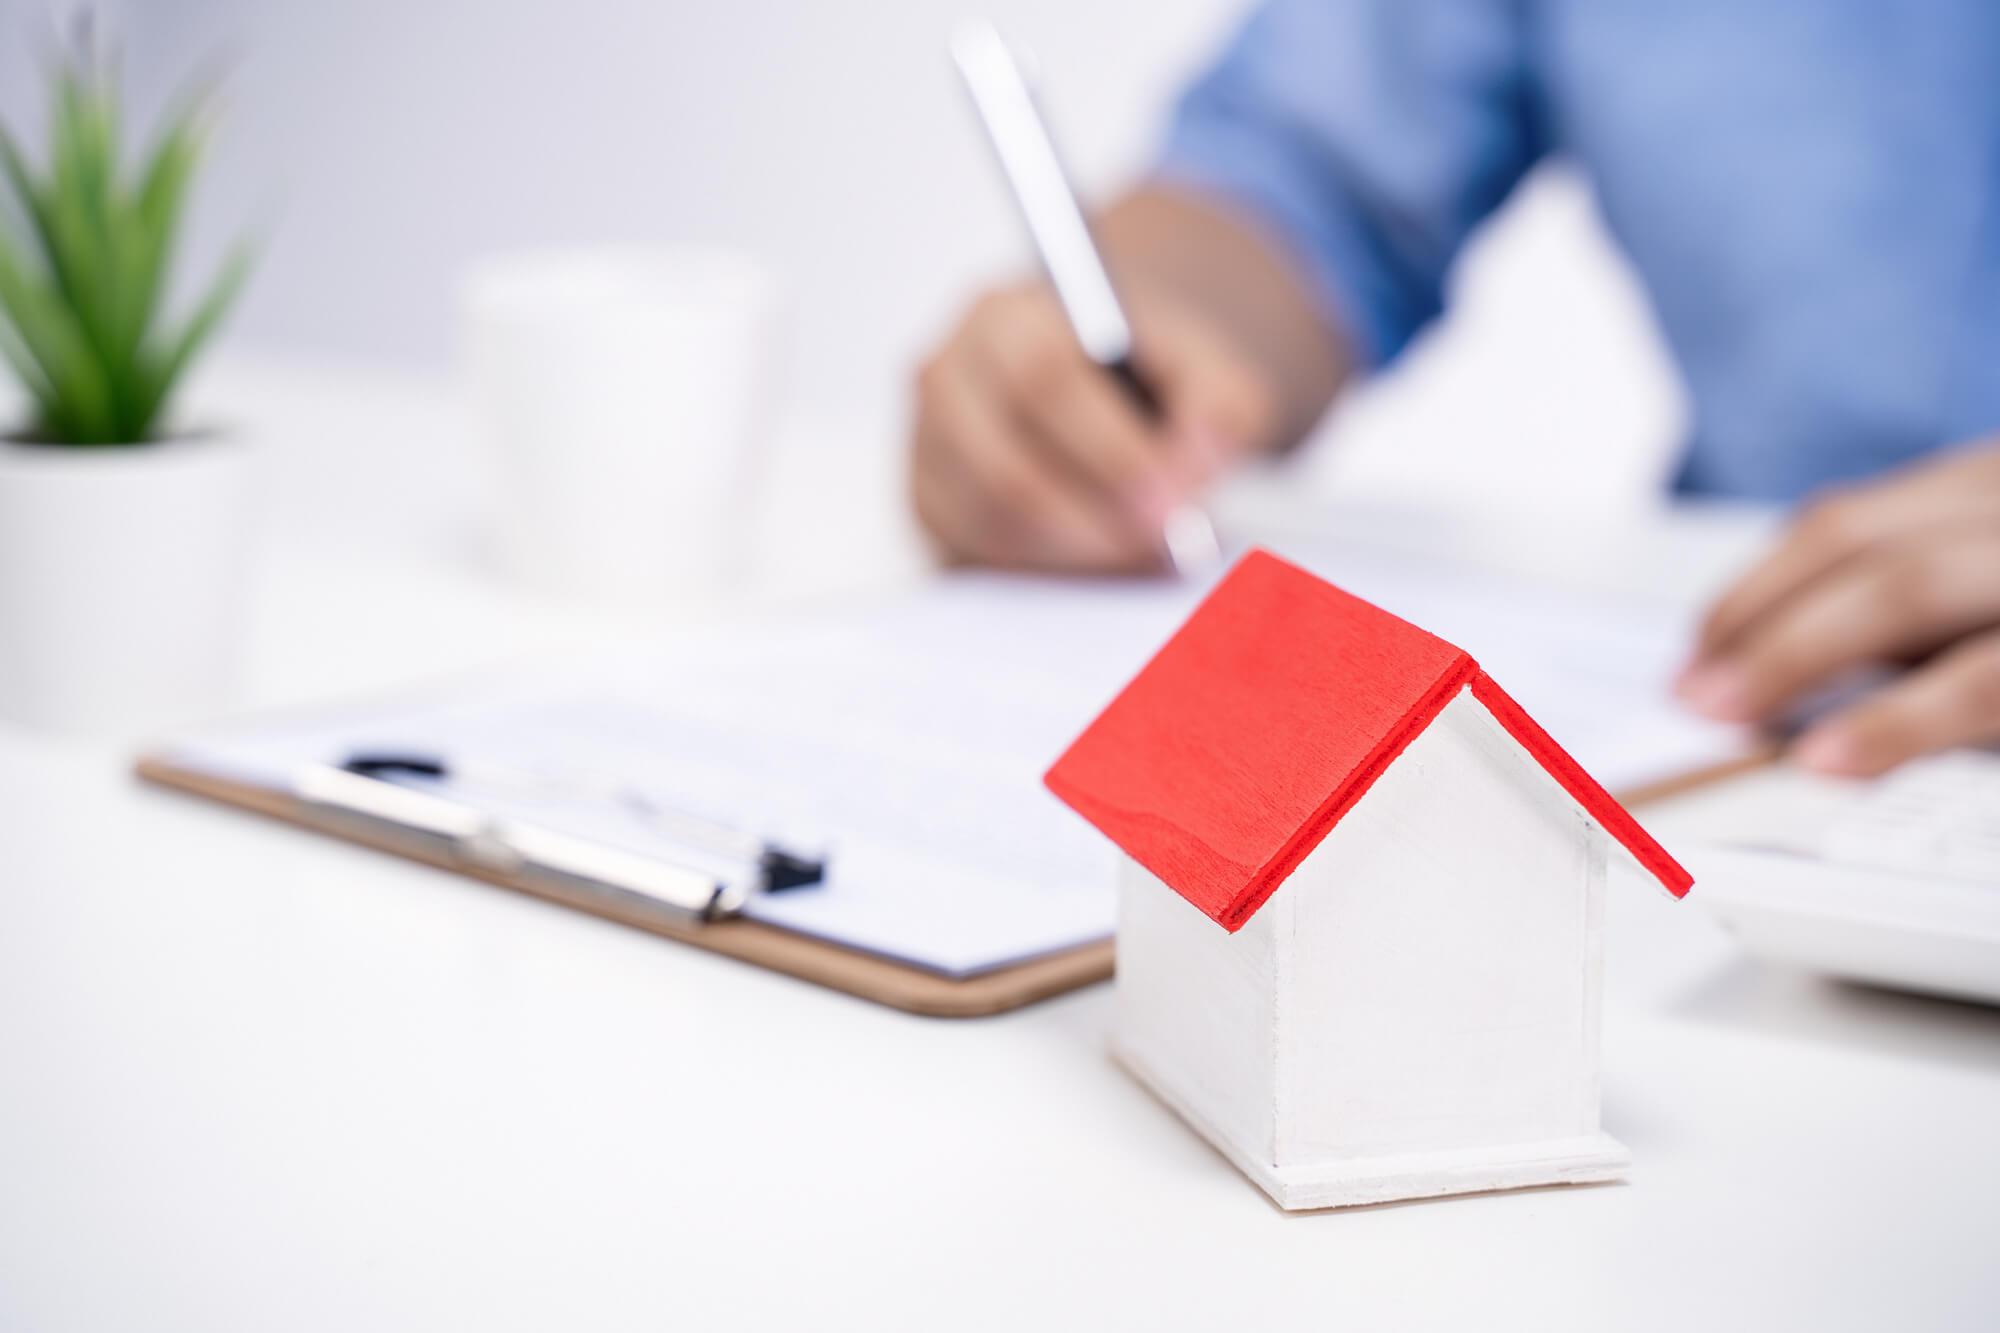 不動産投資用ローンを組む前に知っておきたいメリットとデメリット